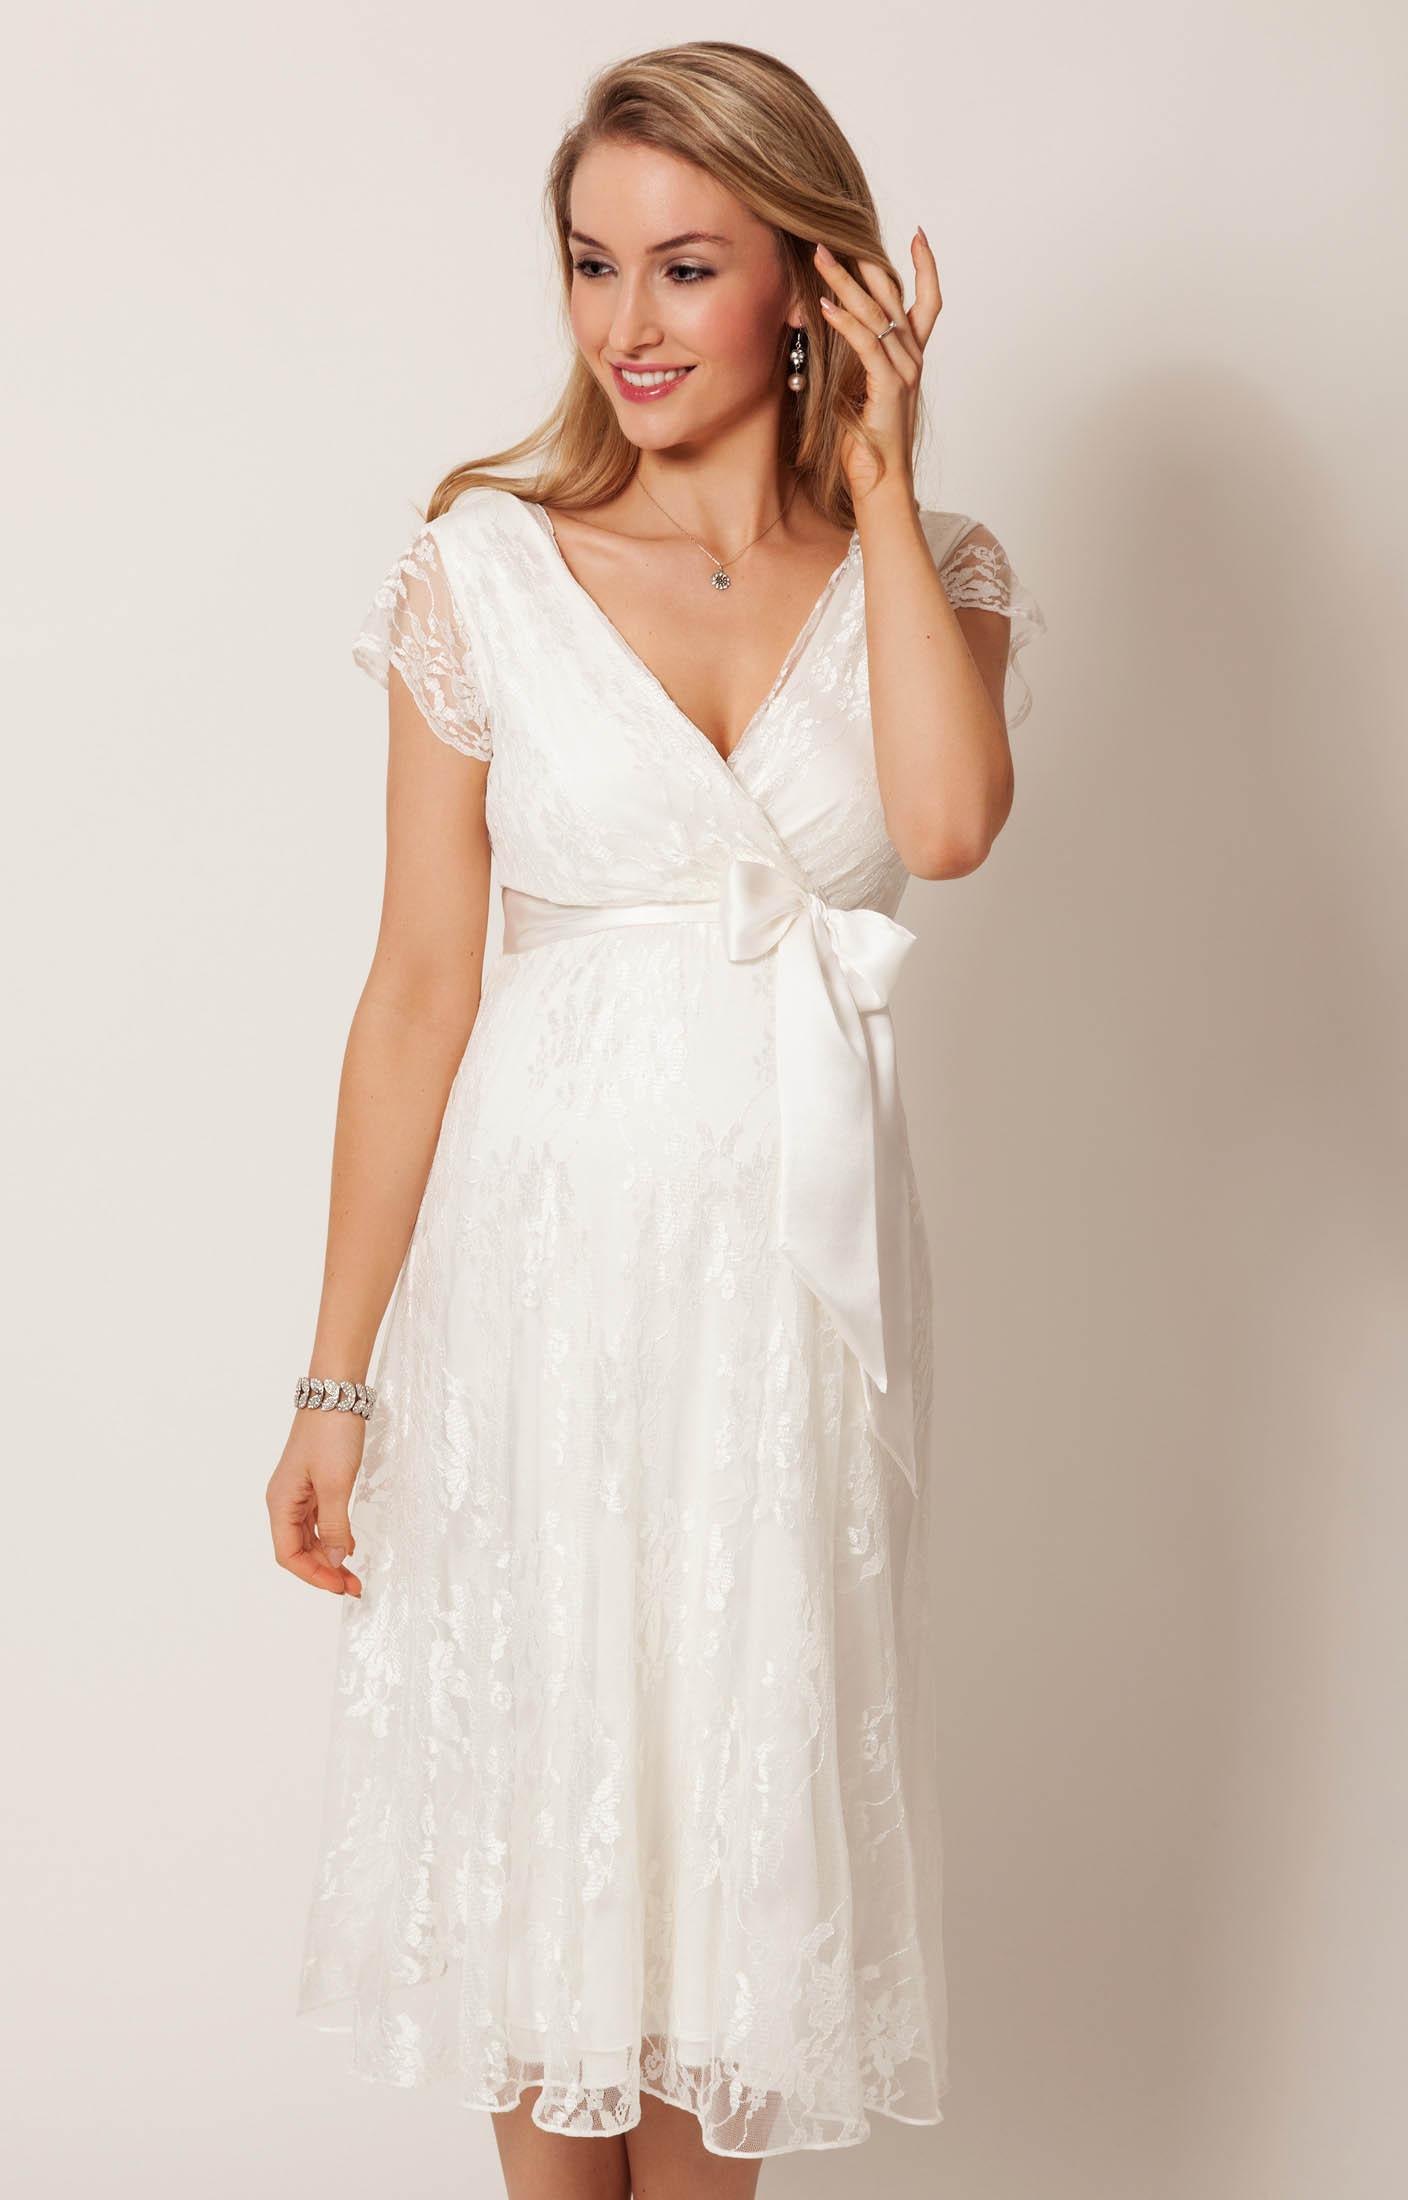 20 Coolste Abendkleid Umstand Stylish13 Erstaunlich Abendkleid Umstand Ärmel